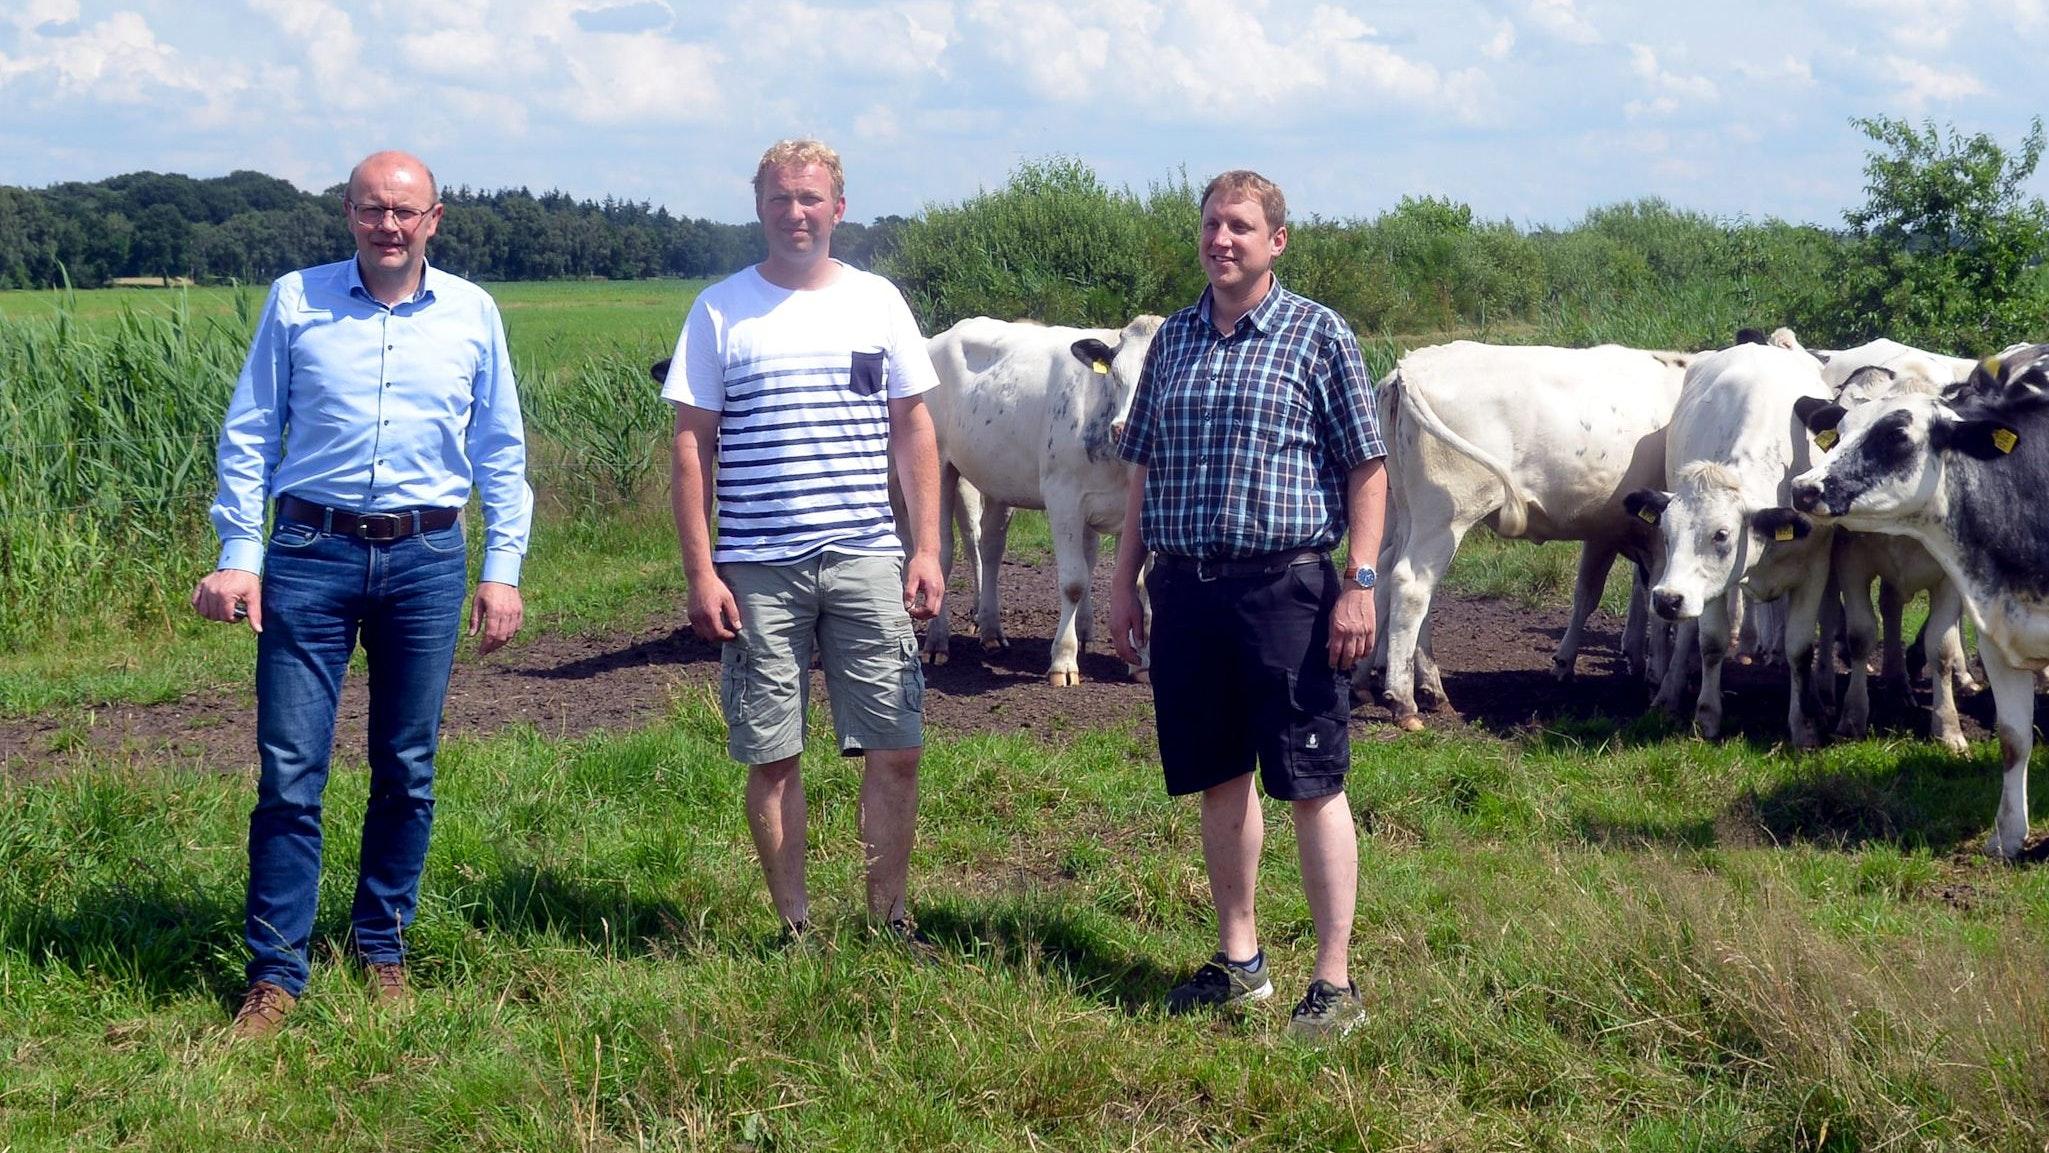 Ohne Bestandsregulierung der Wölfe kann es für Bernd Suilmann (von links), Christoph Grüß und Hermann Kuper keine Weidetierhaltung geben. Foto: Siemer